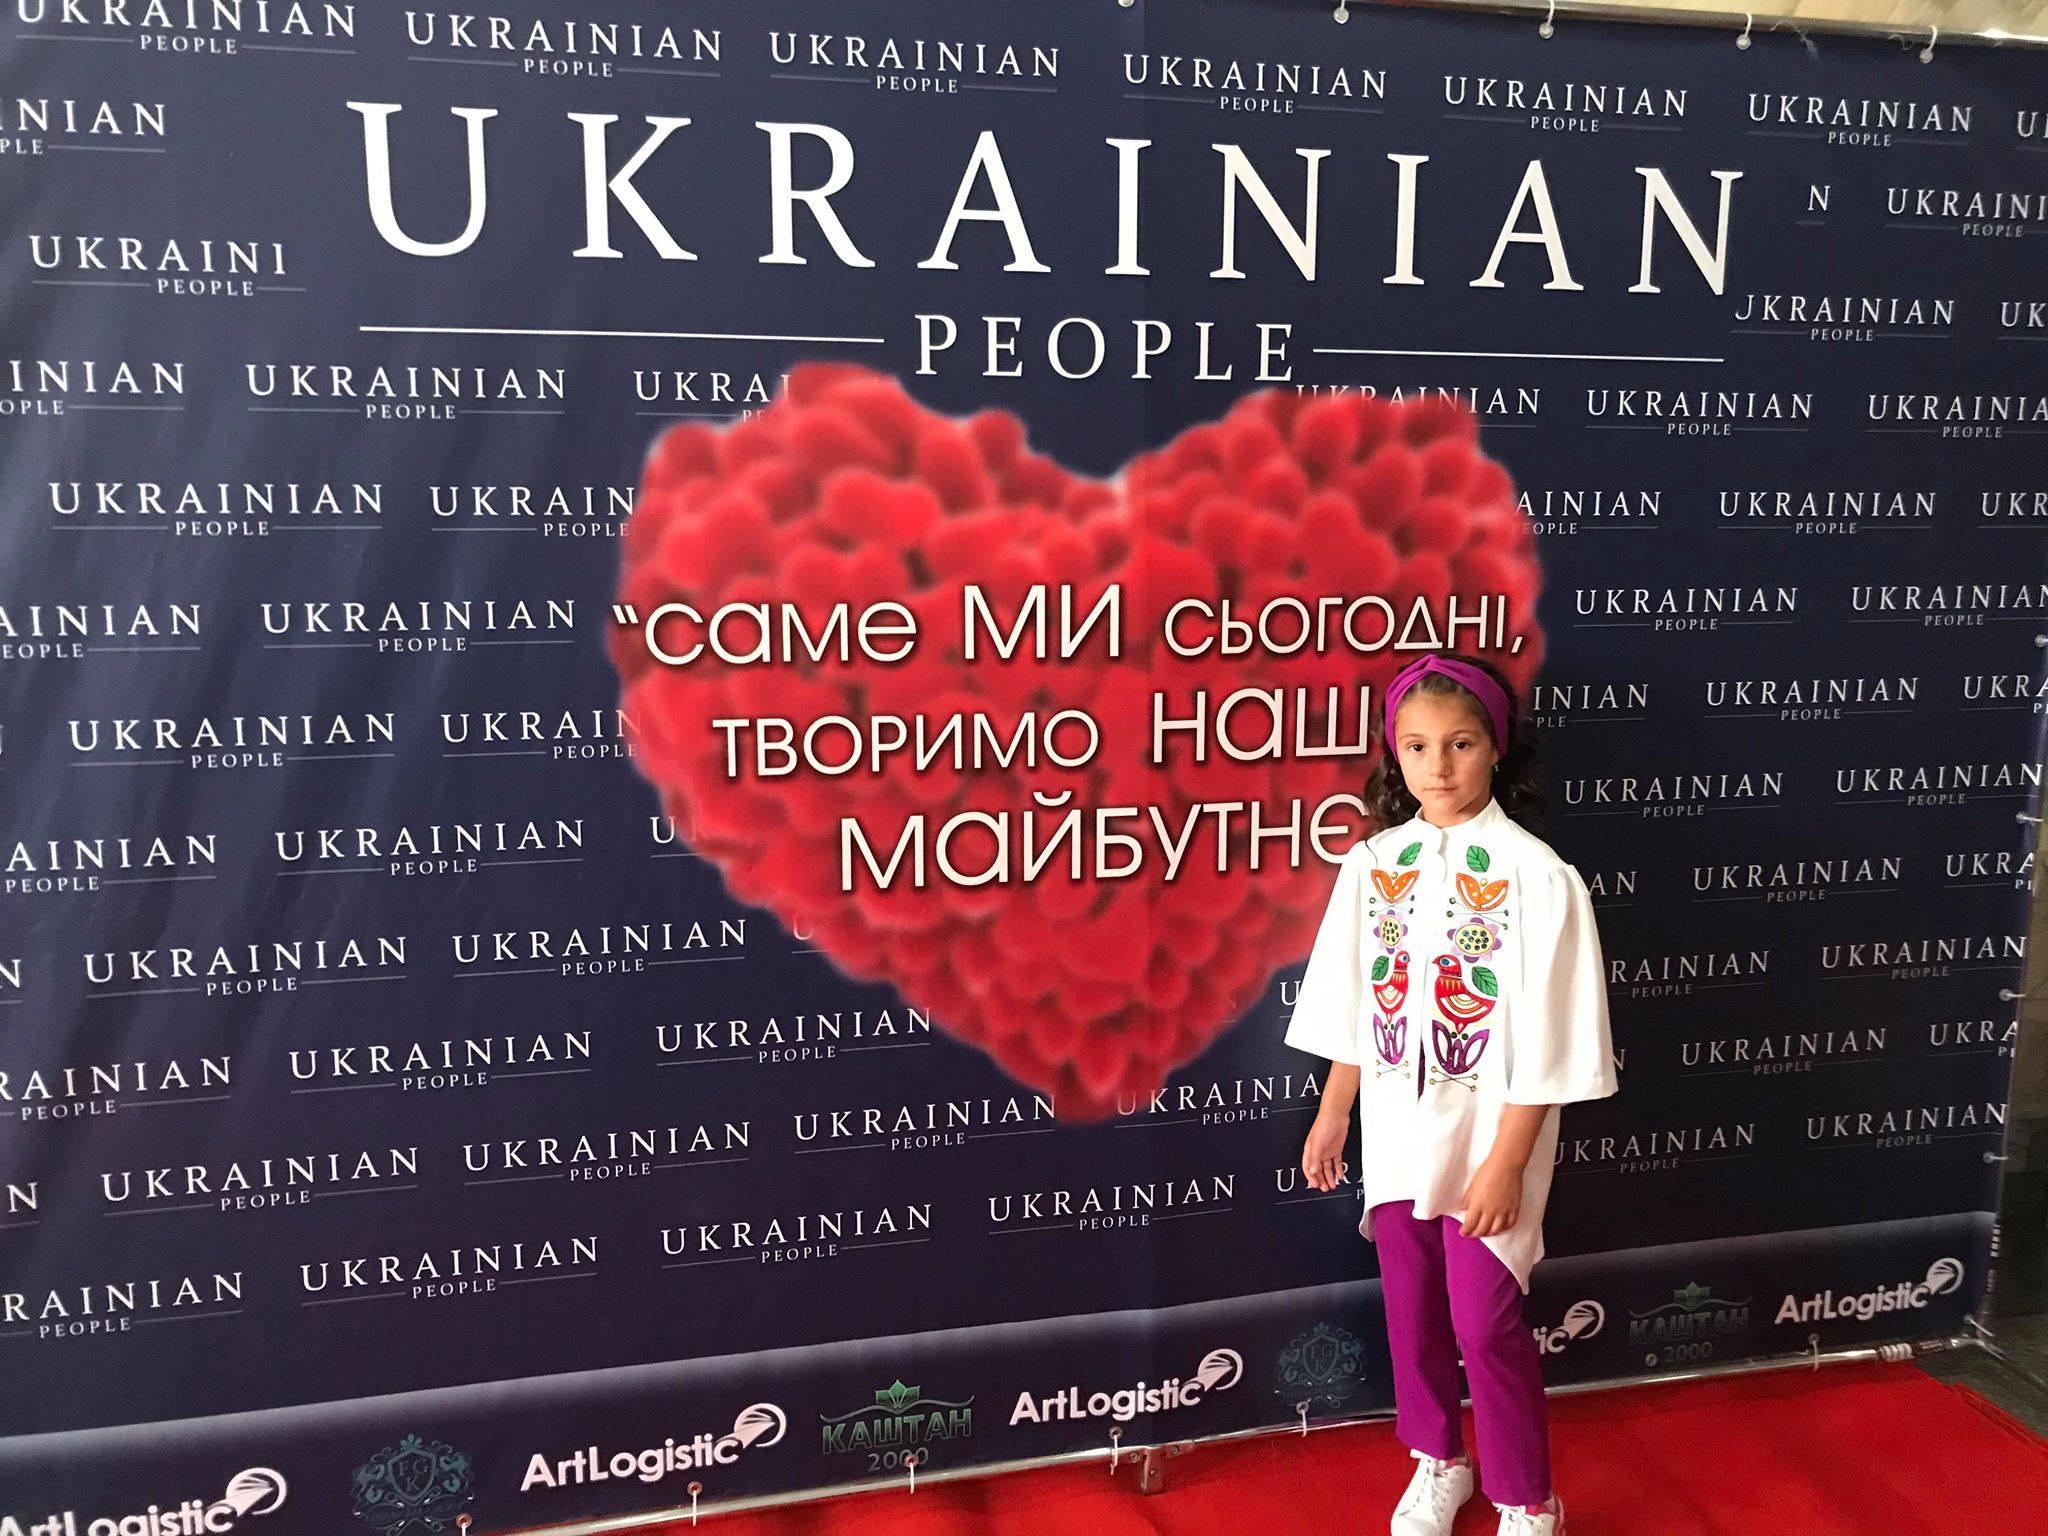 Двоє юних увійшли в енциклопедію про талановитих українців